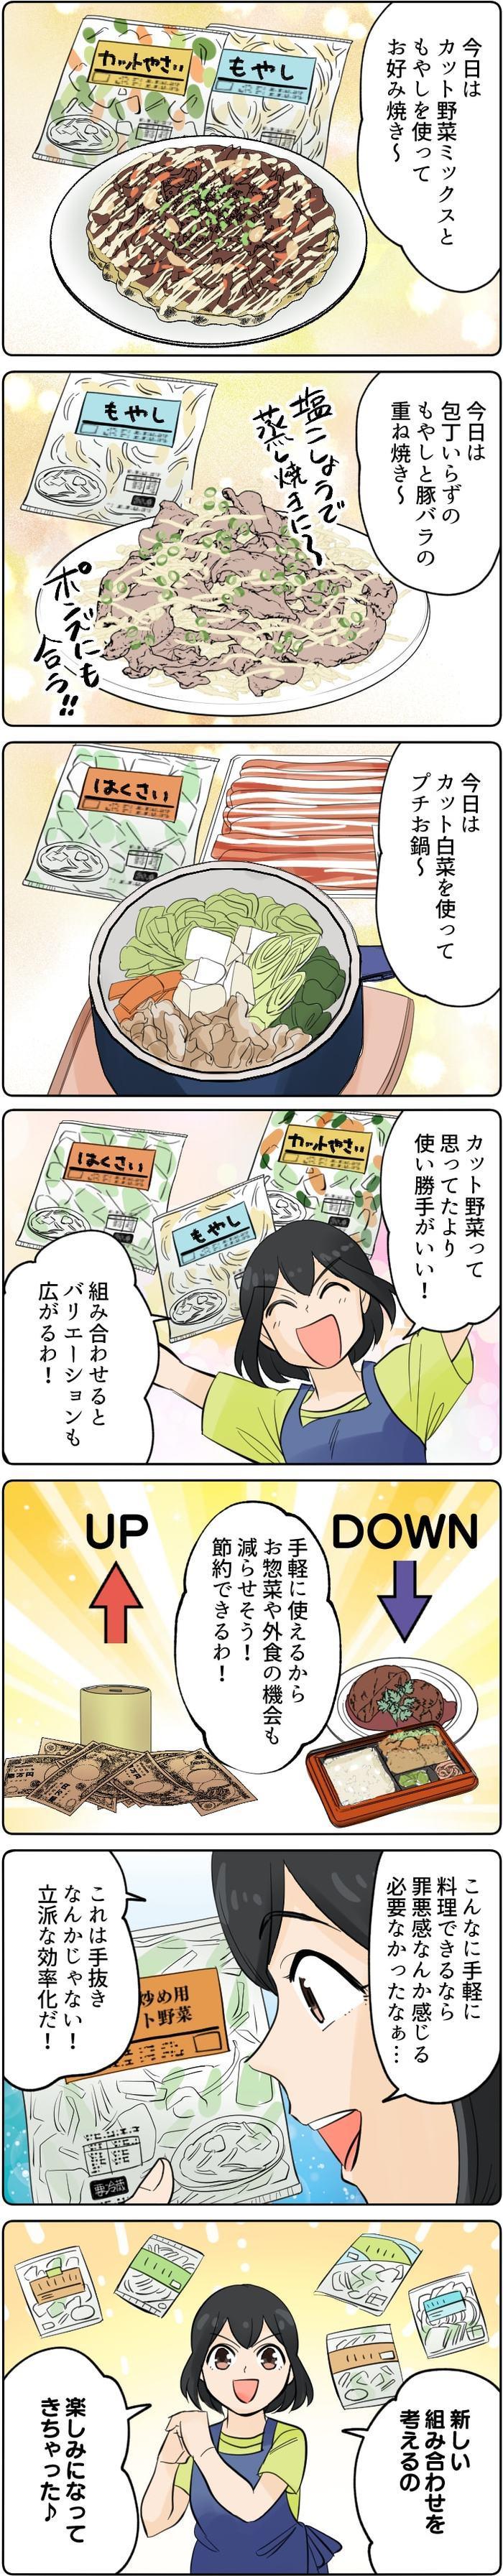 罪悪感は不要!料理のバリエーションが広がる「カット野菜」活用のススメの画像6